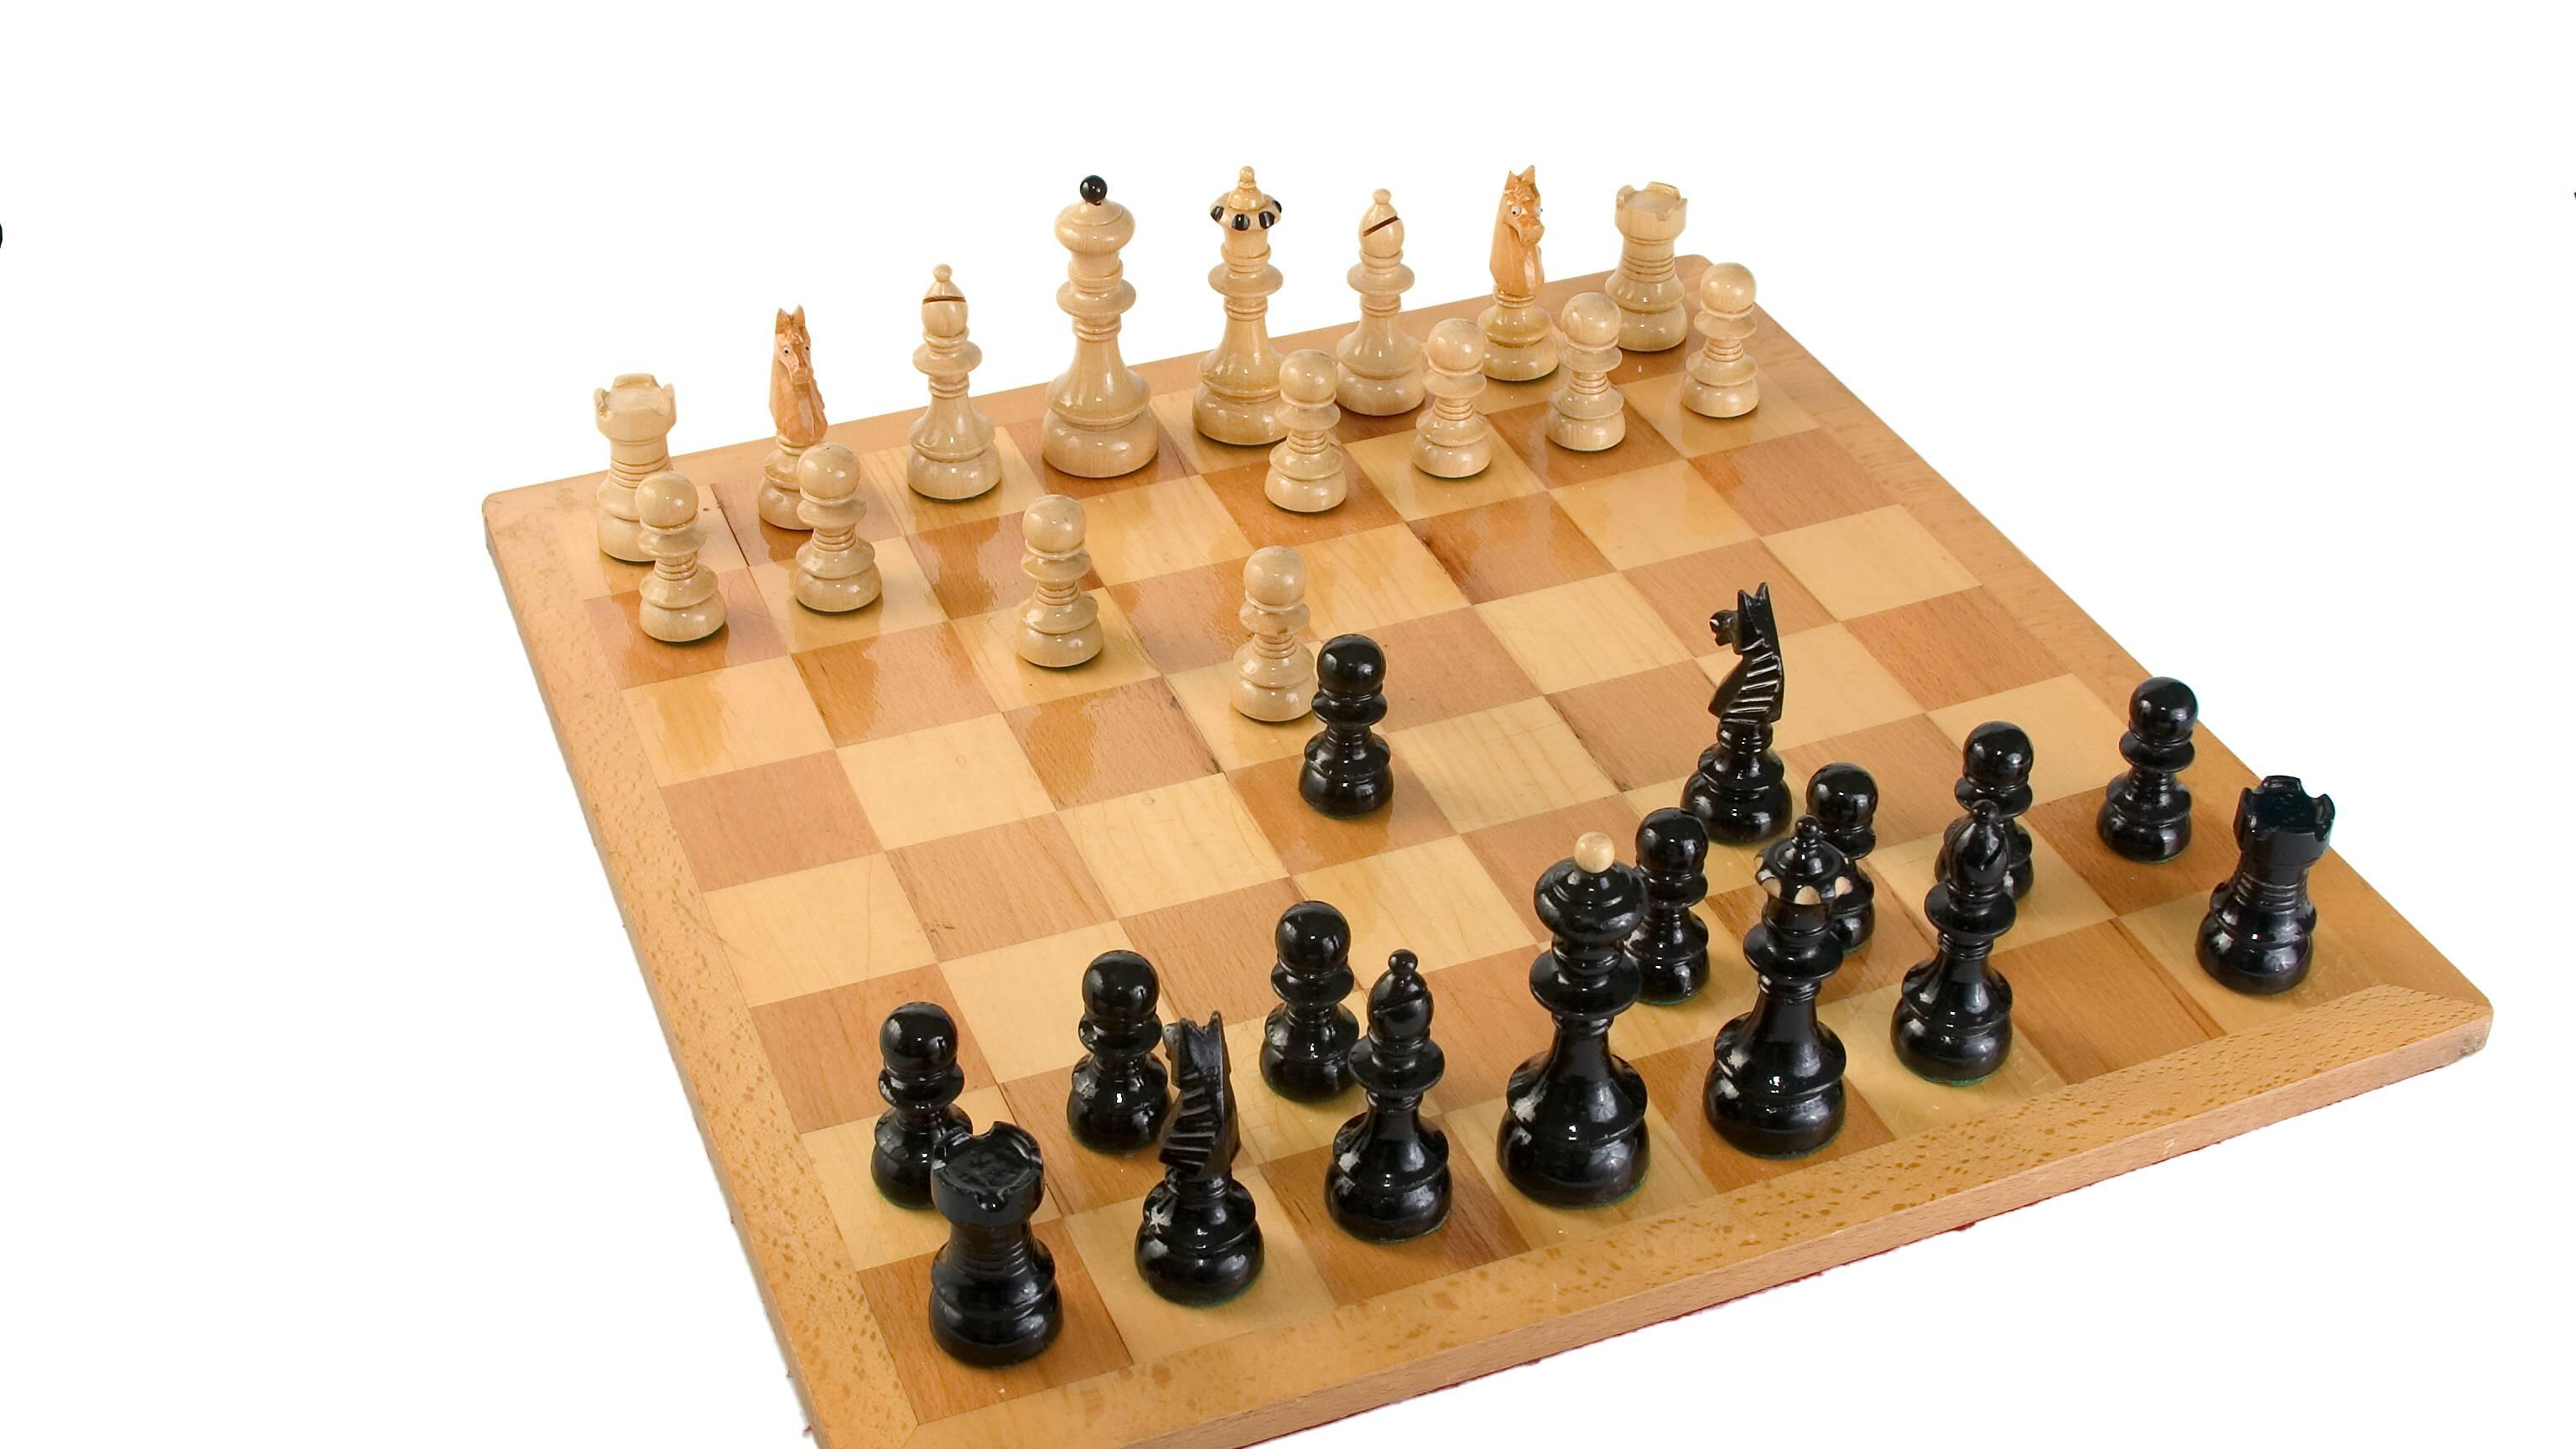 Gesellschaftsspiele für zwei sorgen für stundenlangen Spielspaß.